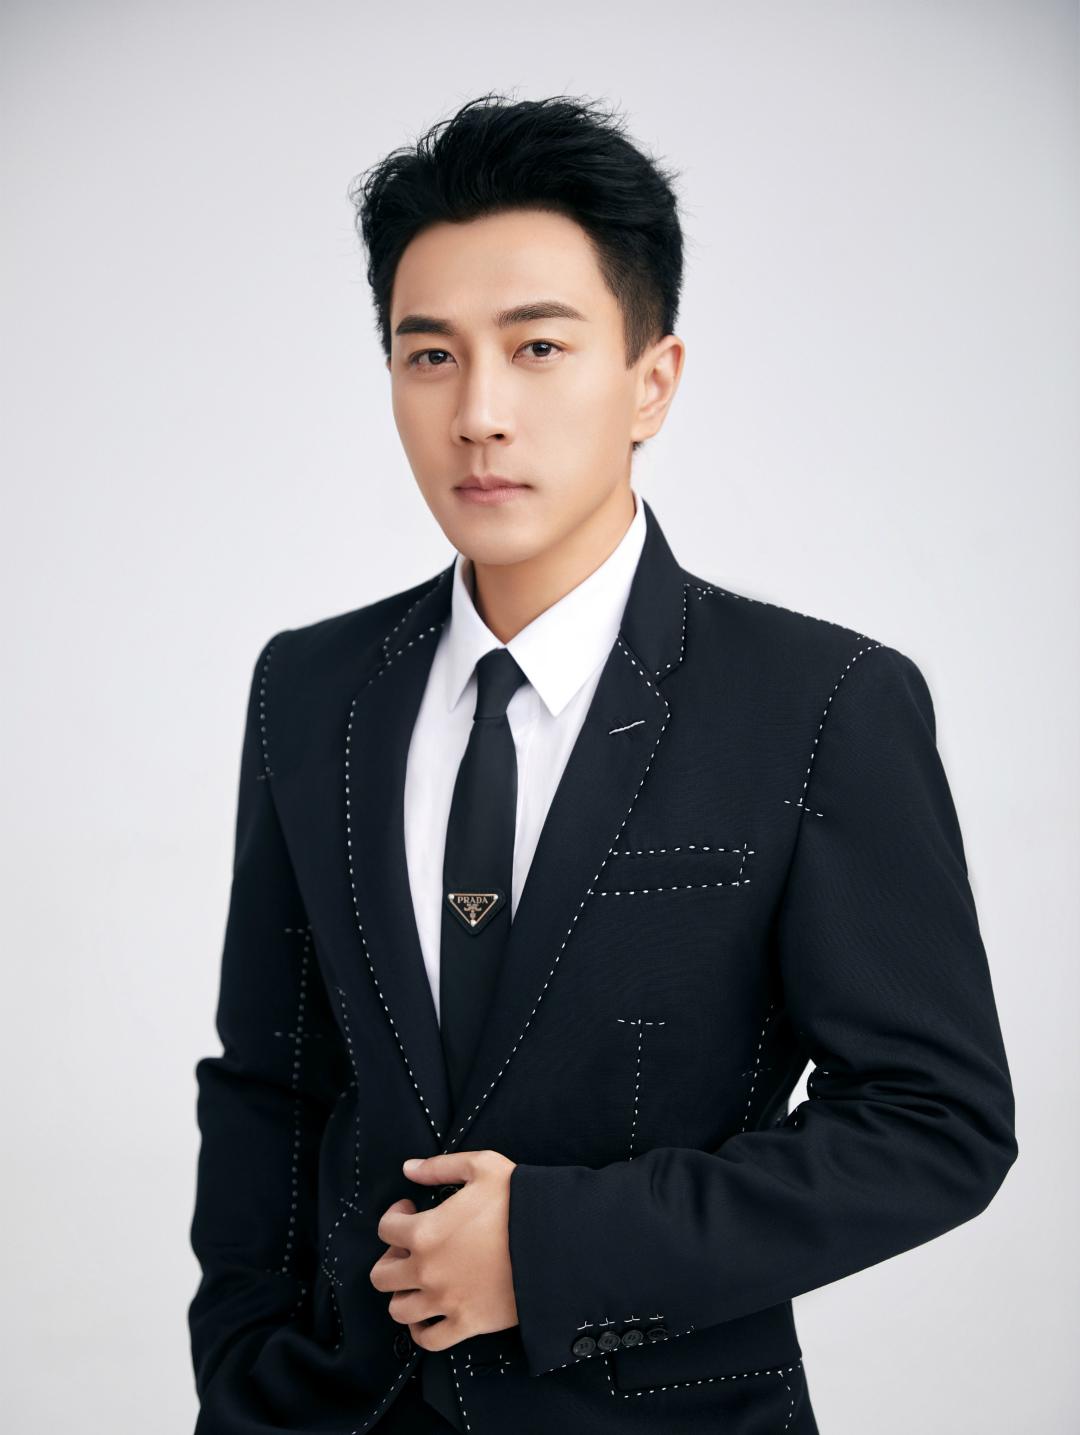 刘恺威最新西装写真 黑白碰撞绅士的品格